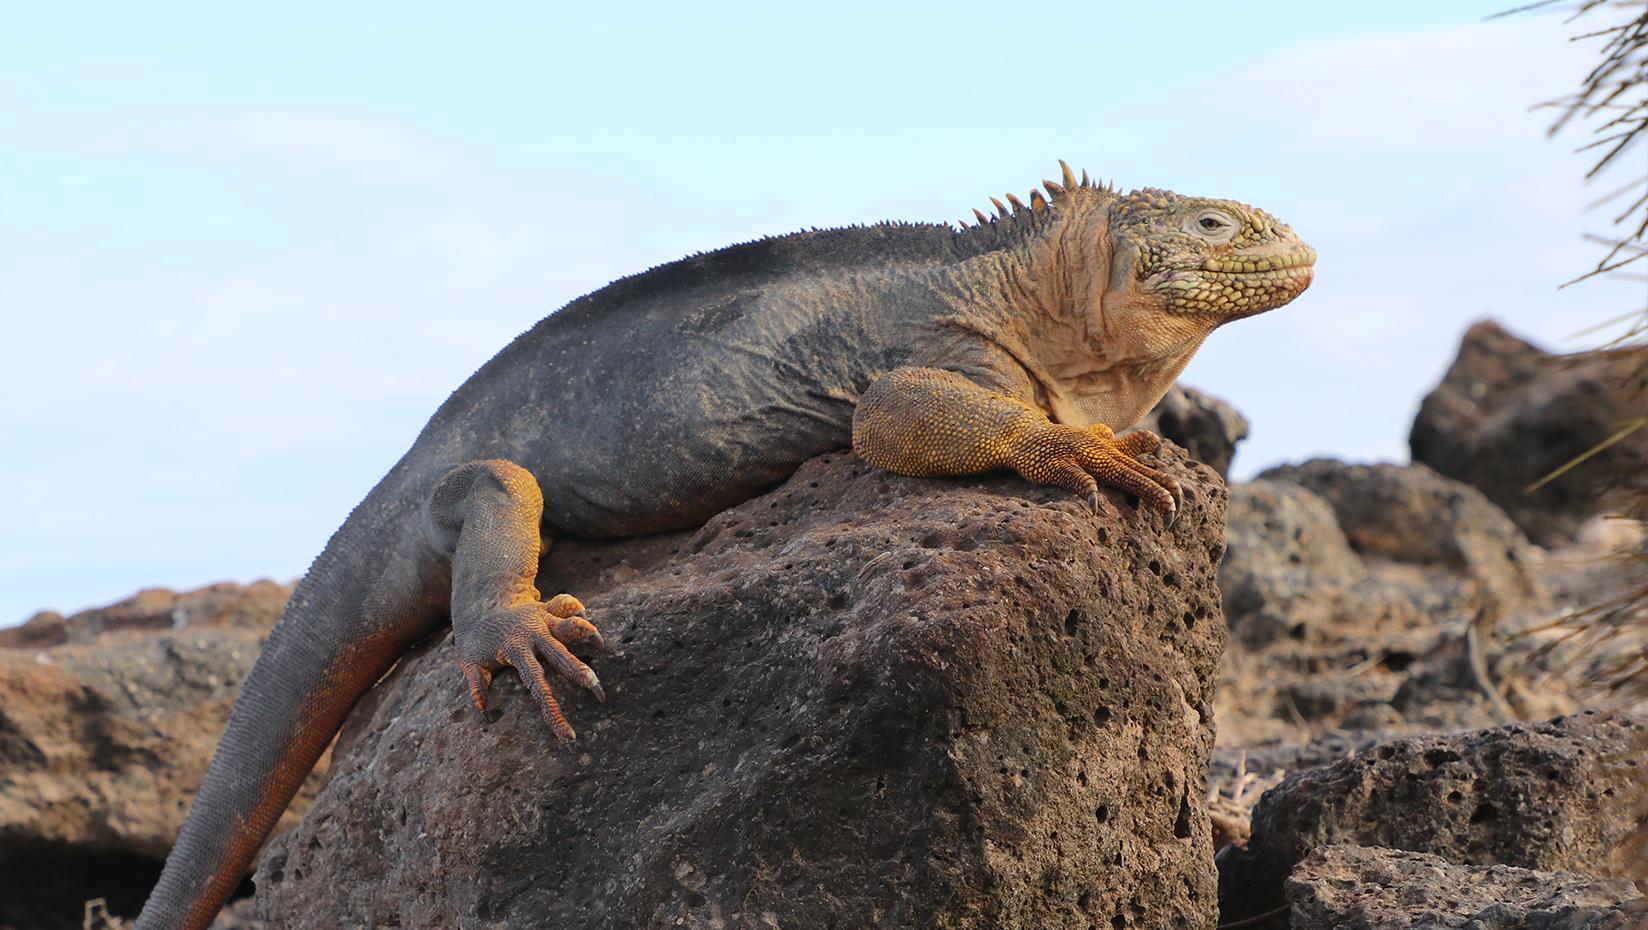 A photo of an Iguana